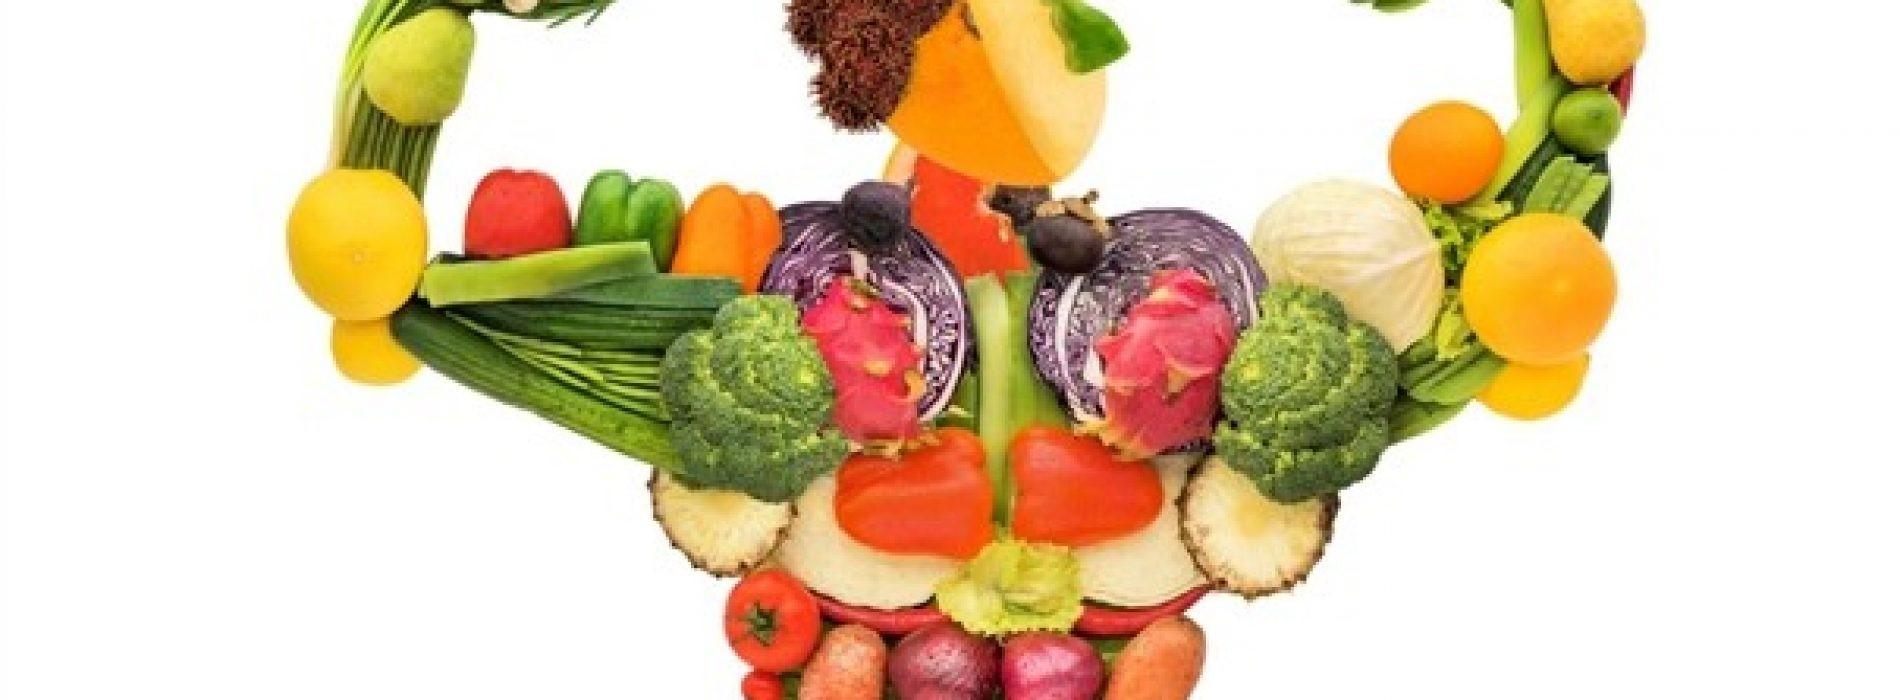 در حالت کلی رژیم غذایی هفته سوم بعد از عمل اسلیو معده دارای اهمیت بالایی است